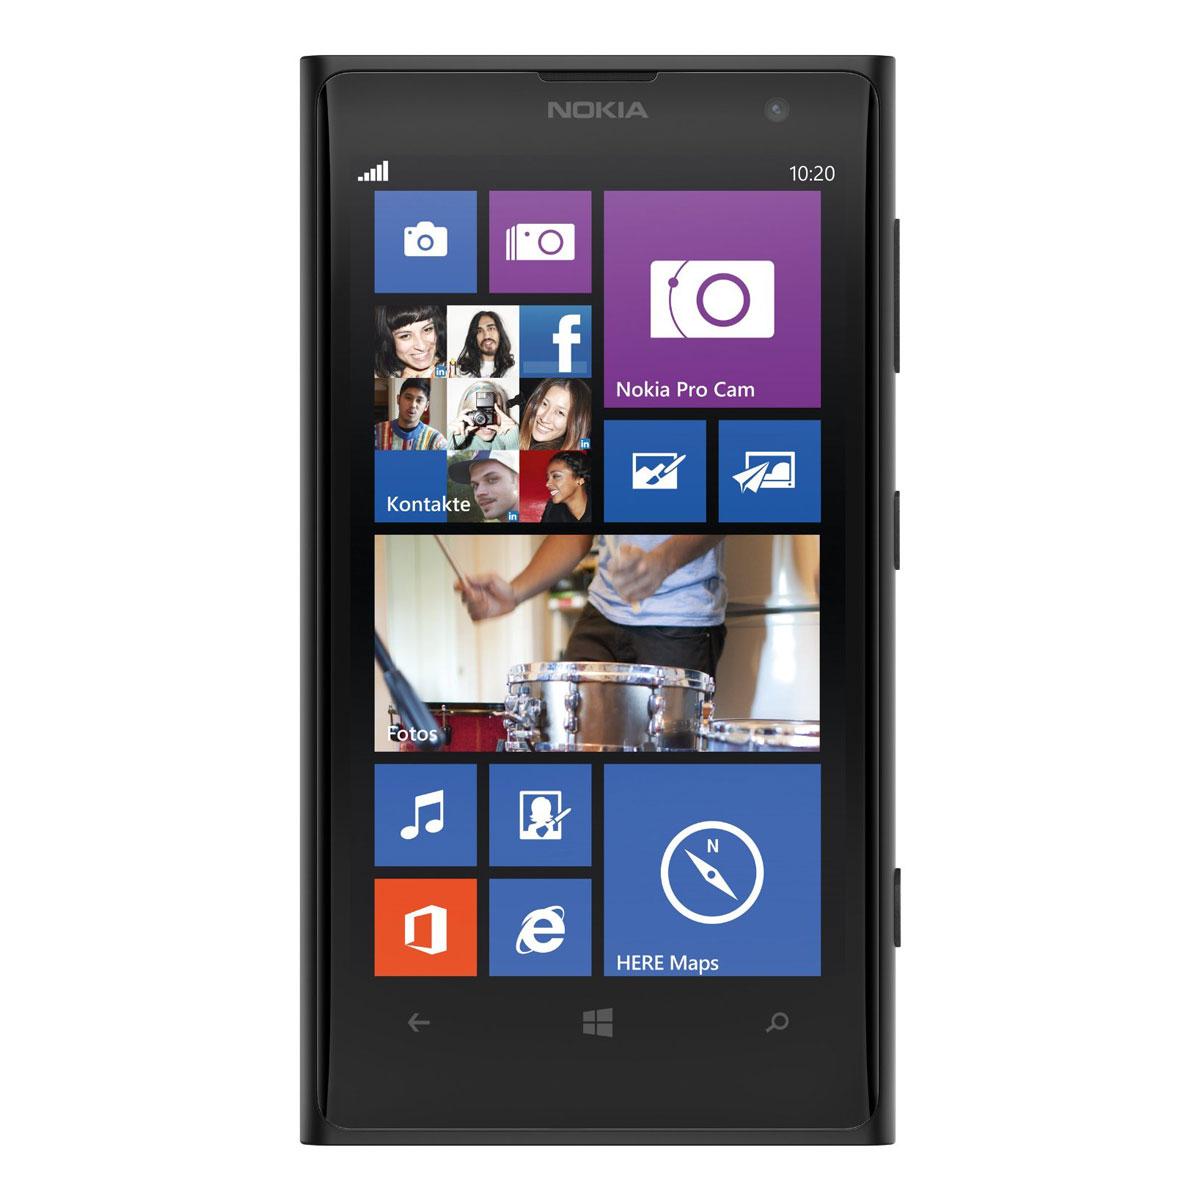 Nokia Lumia 1020 Noir - Mobile & smartphone Nokia sur LDLC